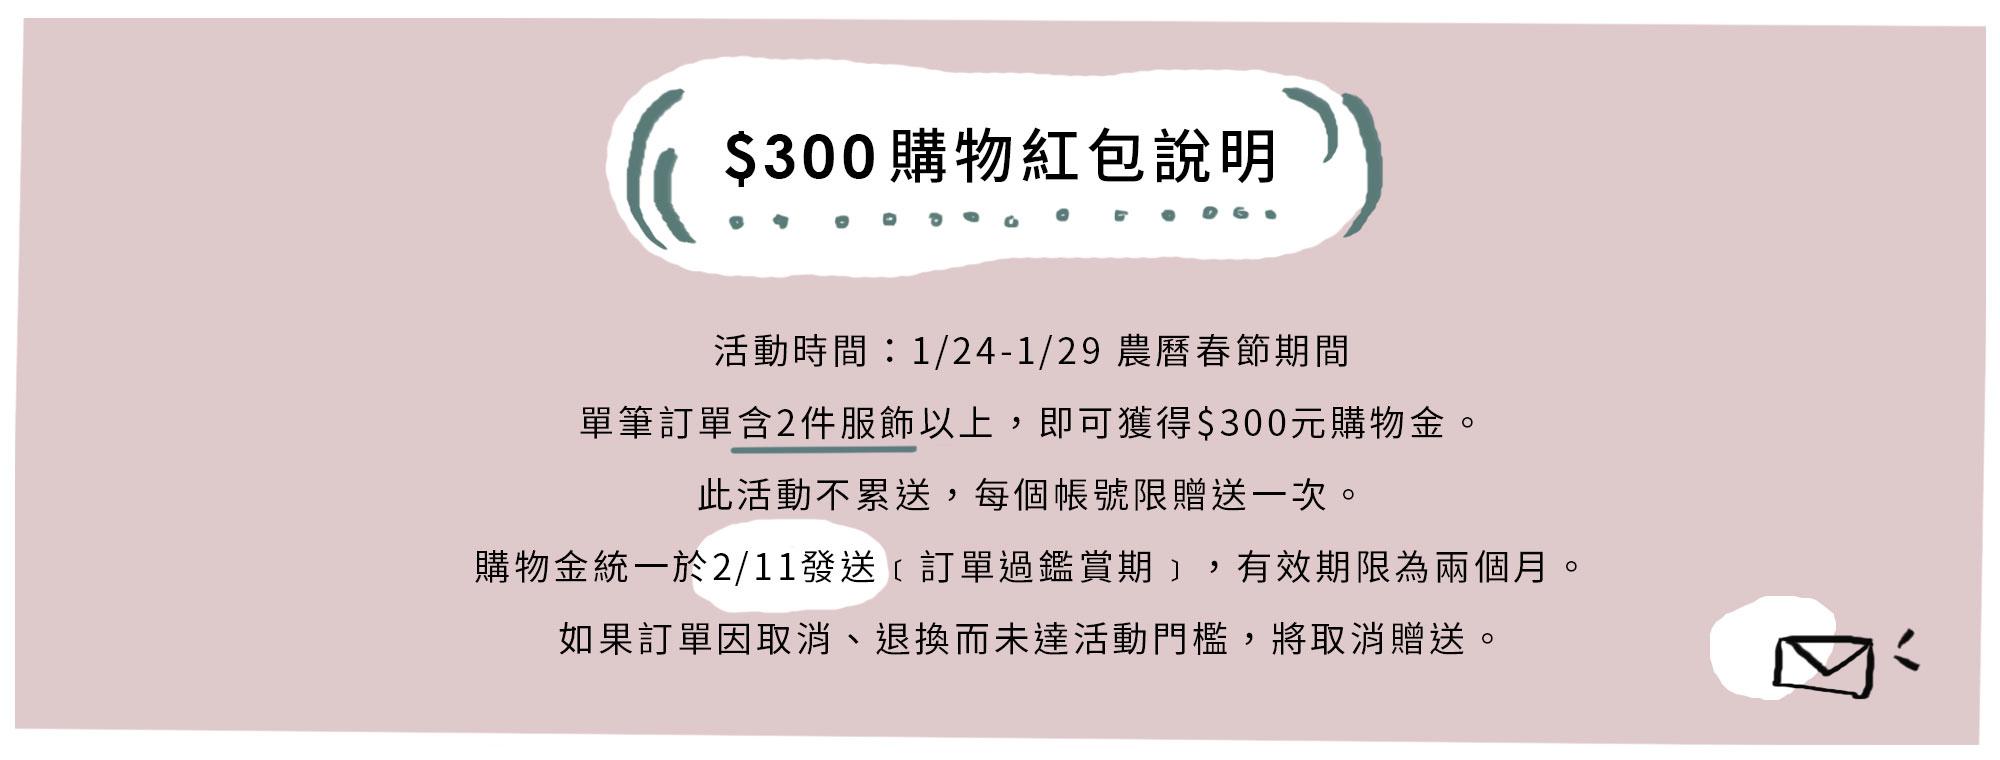 年節贈送購物金活動說明